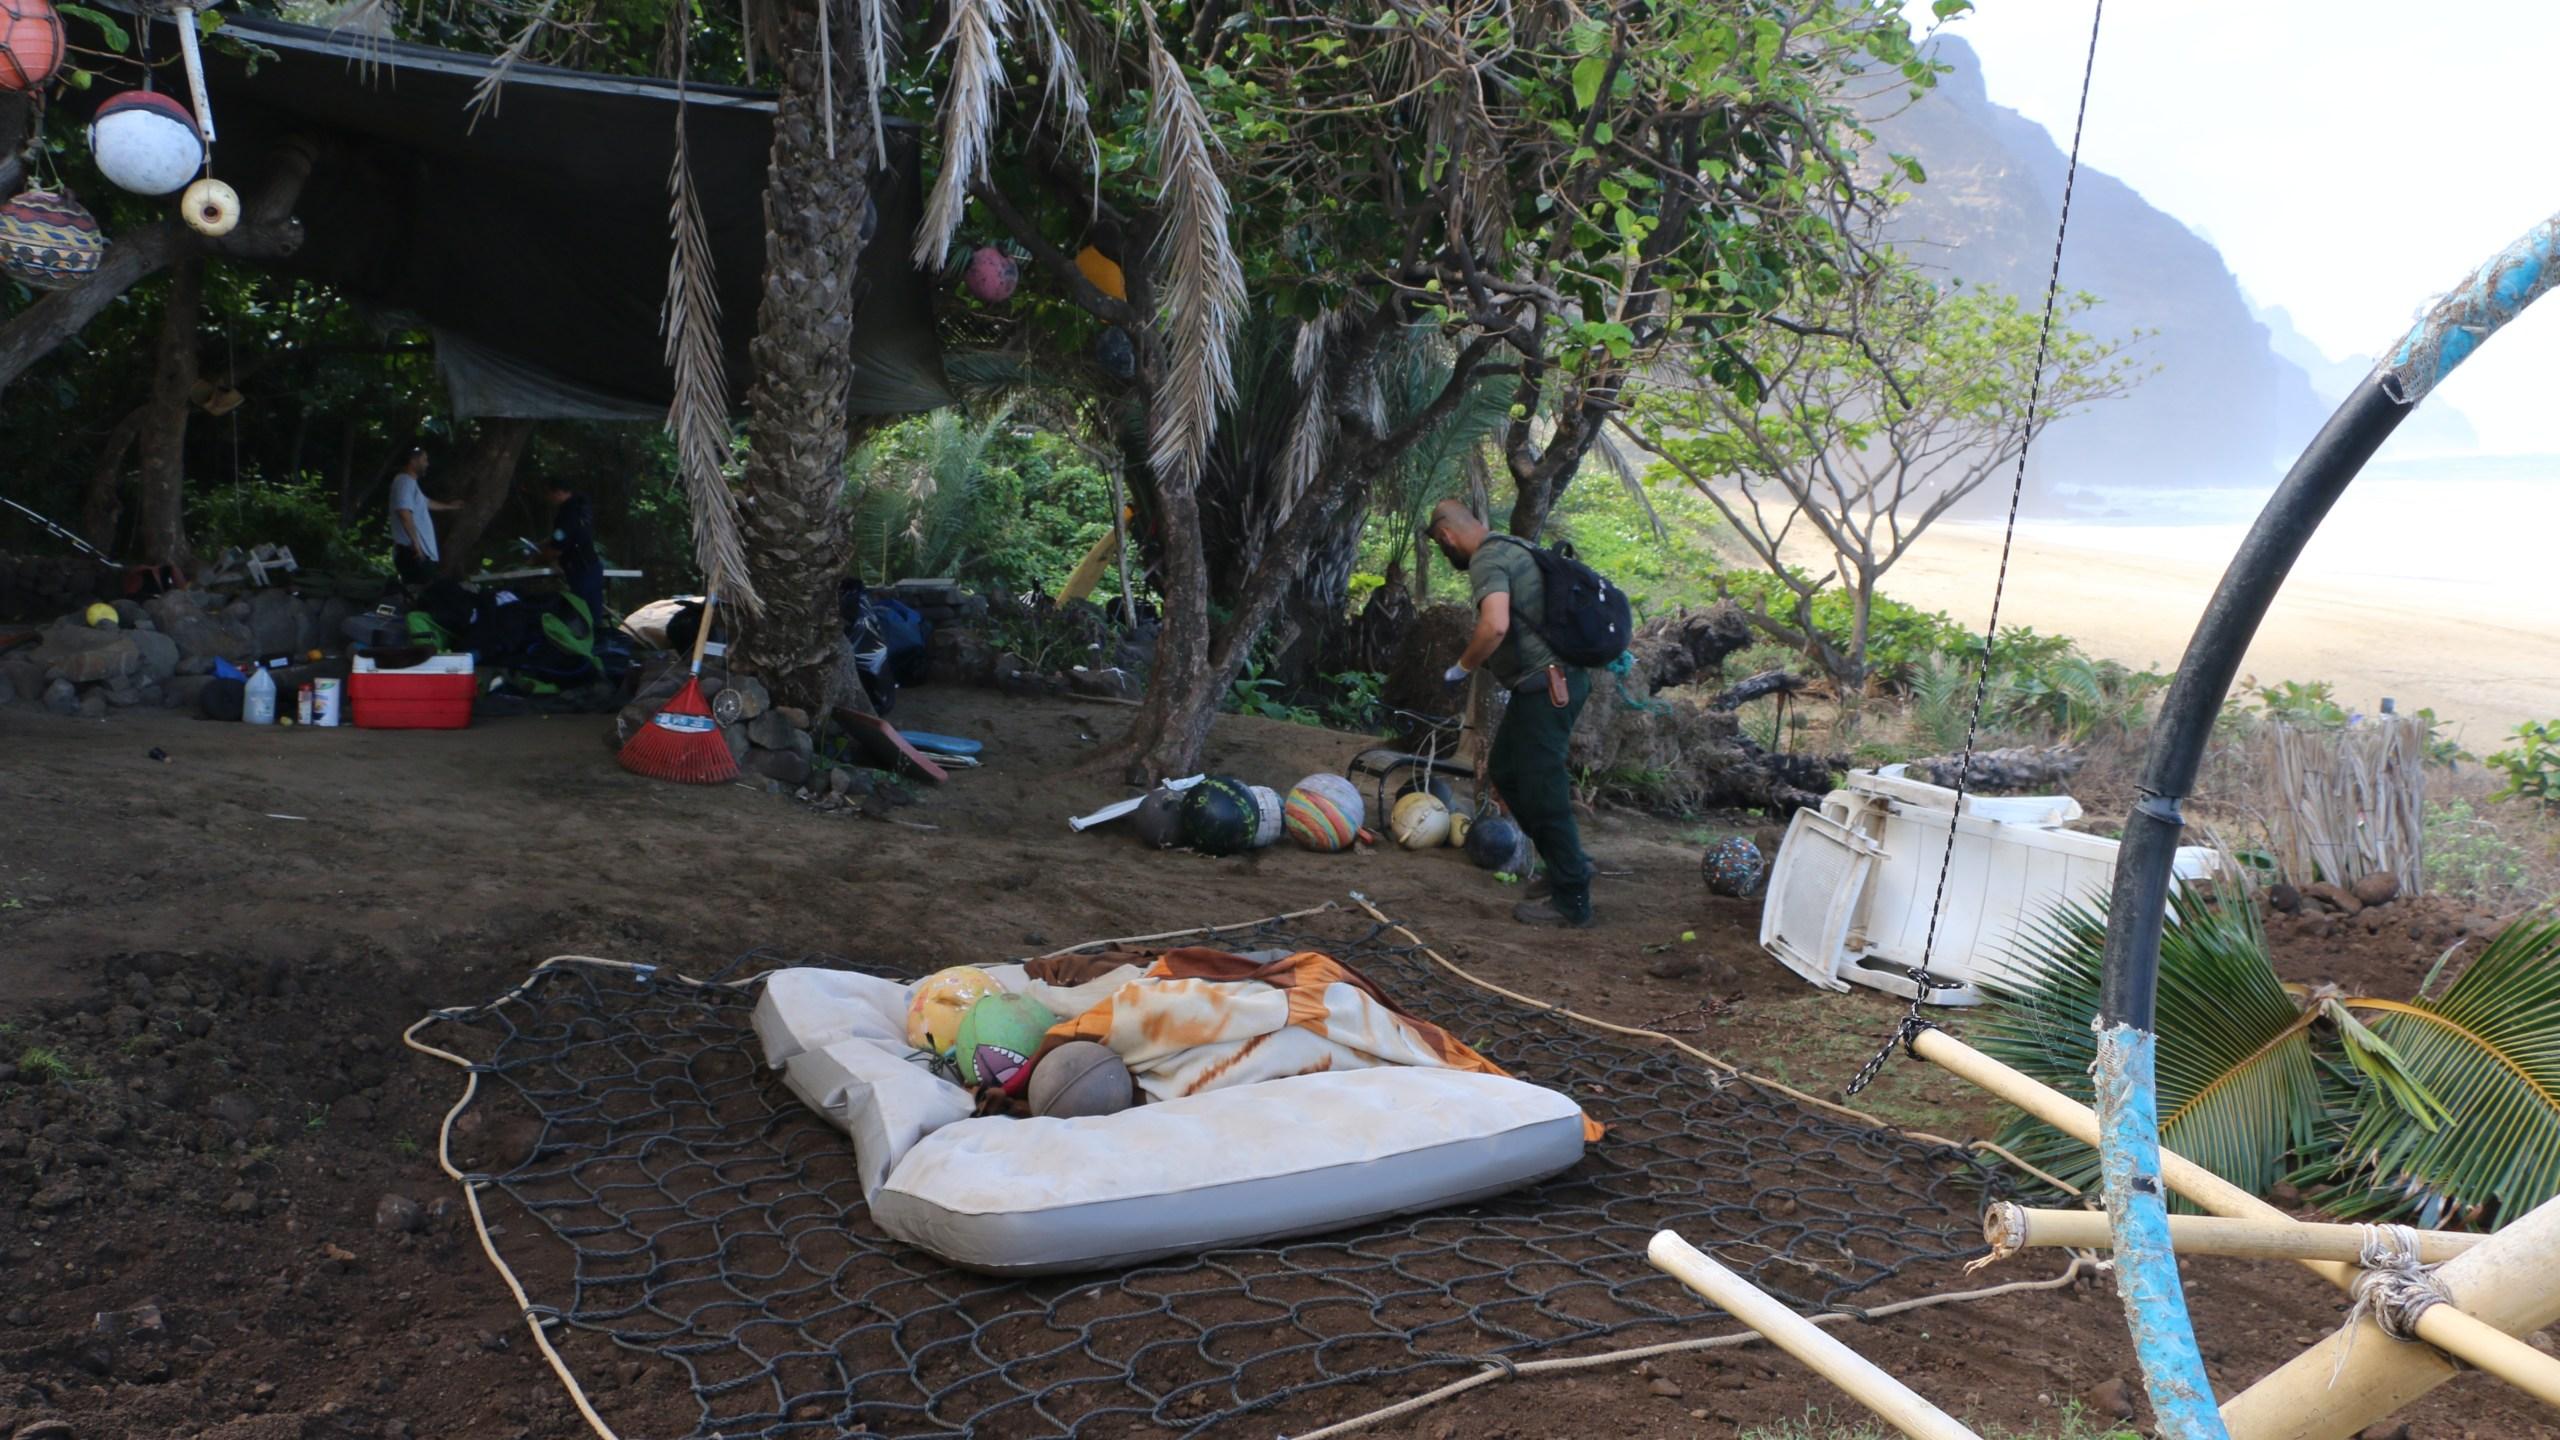 kalalau illegal campsite dlnr 2_141798